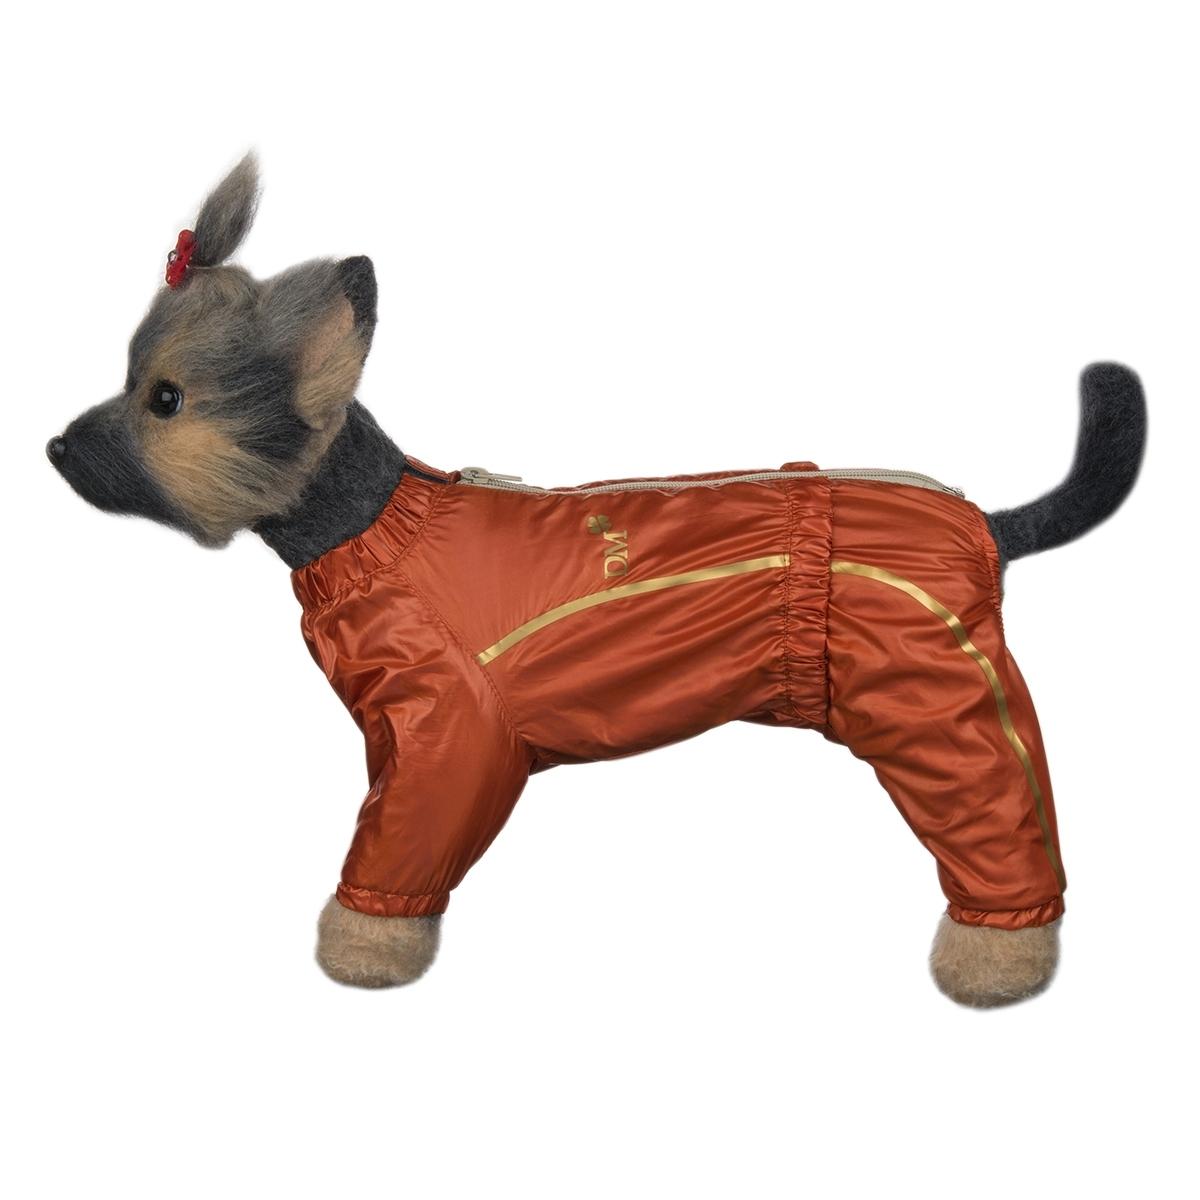 Комбинезон для собак Dogmoda Альпы, для девочки, цвет: оранжевый. Размер 2 (М)DM-160100-2_оранжКомбинезон для собак Dogmoda Альпы отлично подойдет для прогулок поздней осенью или ранней весной. Комбинезон изготовлен из полиэстера, защищающего от ветра и осадков, с подкладкой из флиса, которая сохранит тепло и обеспечит отличный воздухообмен. Комбинезон застегивается на молнию и липучку, благодаря чему его легко надевать и снимать. Ворот, низ рукавов и брючин оснащены внутренними резинками, которые мягко обхватывают шею и лапки, не позволяя просачиваться холодному воздуху. На пояснице имеется внутренняя резинка. Изделие декорировано золотистыми полосками и надписью DM. Благодаря такому комбинезону простуда не грозит вашему питомцу и он не даст любимцу продрогнуть на прогулке. Длина по спинке: 24 см. Объем груди: 39 см. Обхват шеи: 25 см.